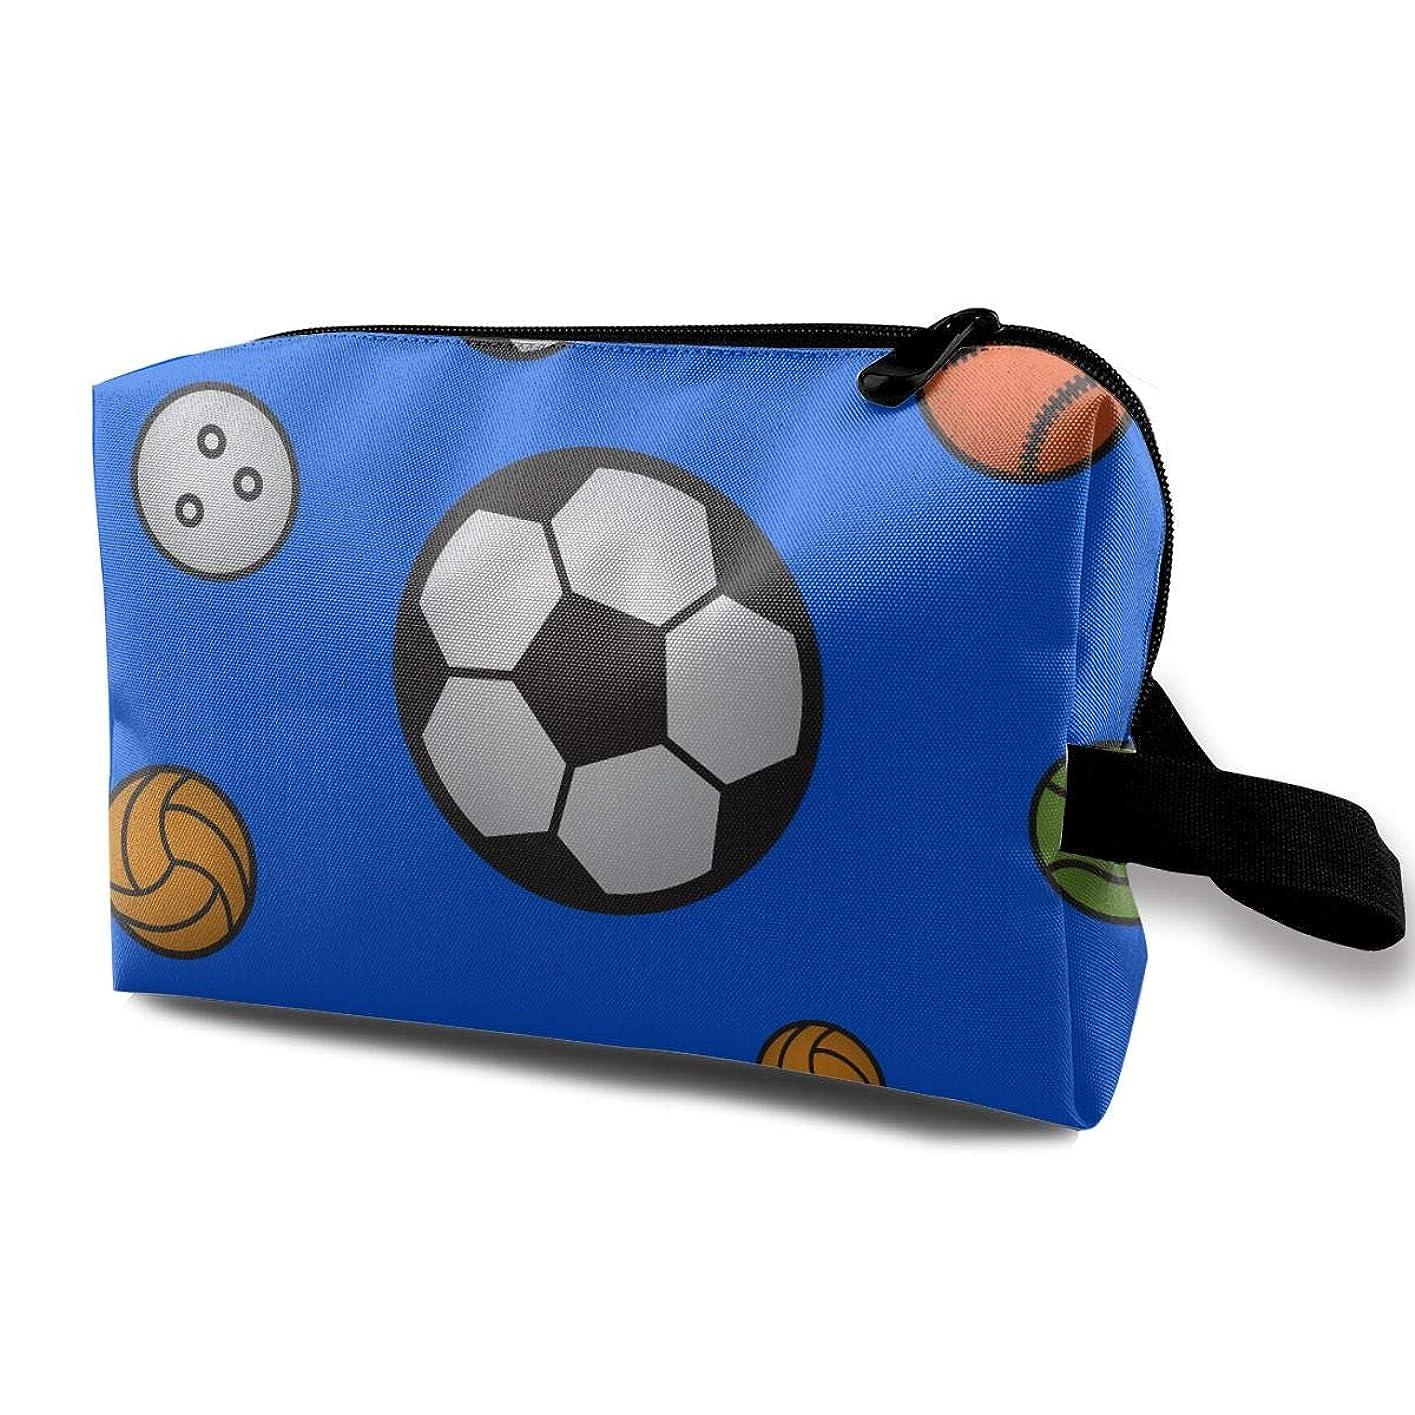 段落細い文法LEIJGS スポーツボールパターン 小型 旅行用トイレタリーバッグ 超軽量 トイレタリーオーガナイザー 一泊旅行バッグ用